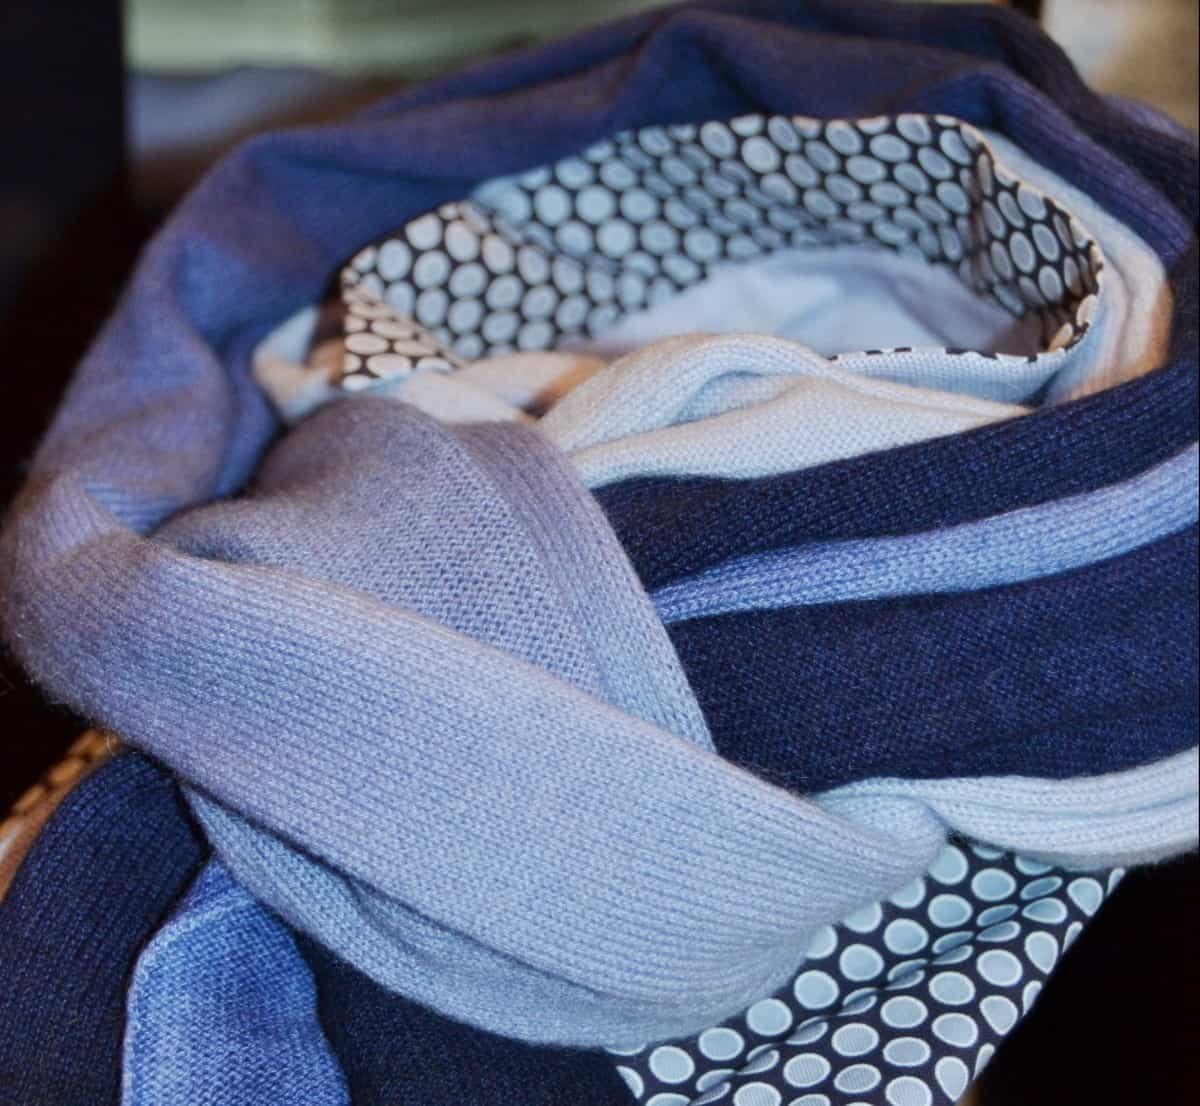 Modici Laren - Exclusieve damesmode en merkkleding, schoenen, hoeden, shawls en accsessoires